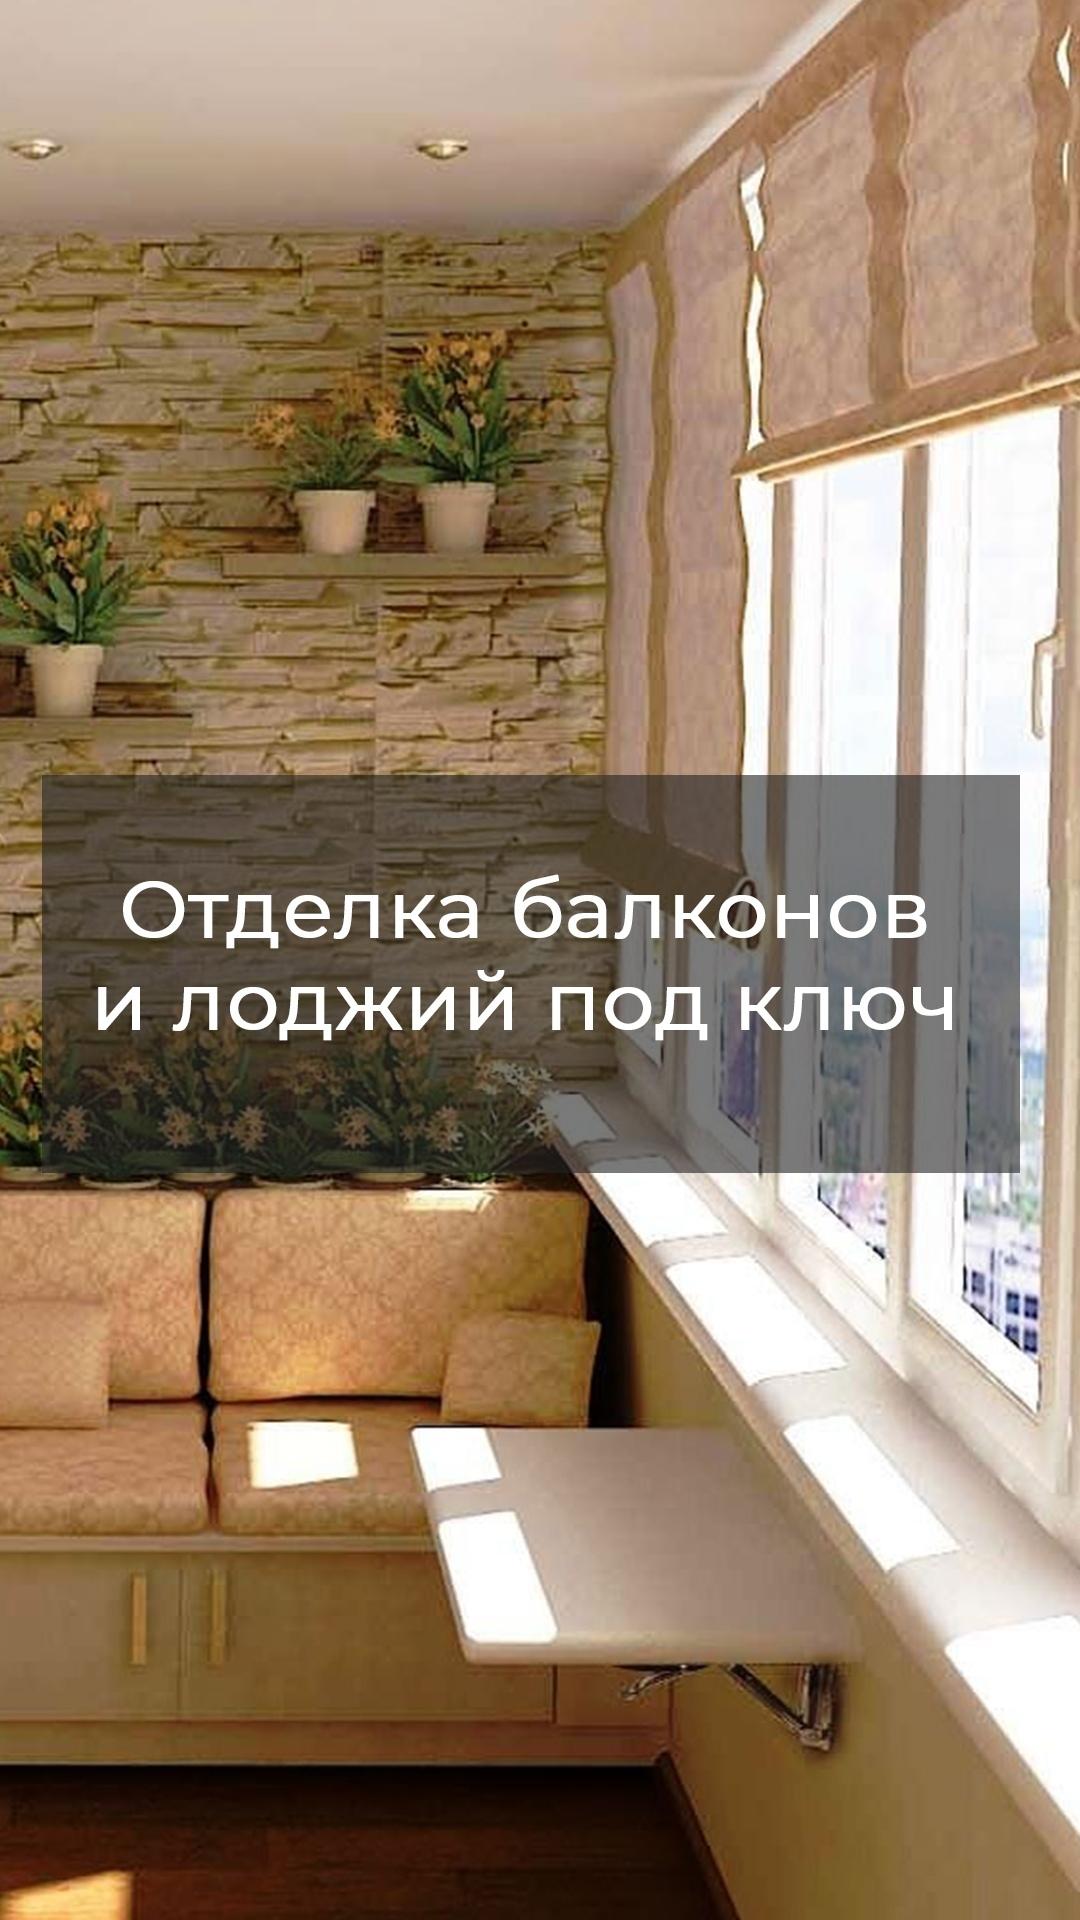 Как продавать окна и лоджии через ВКонтакте в небольшом городе?, изображение №7